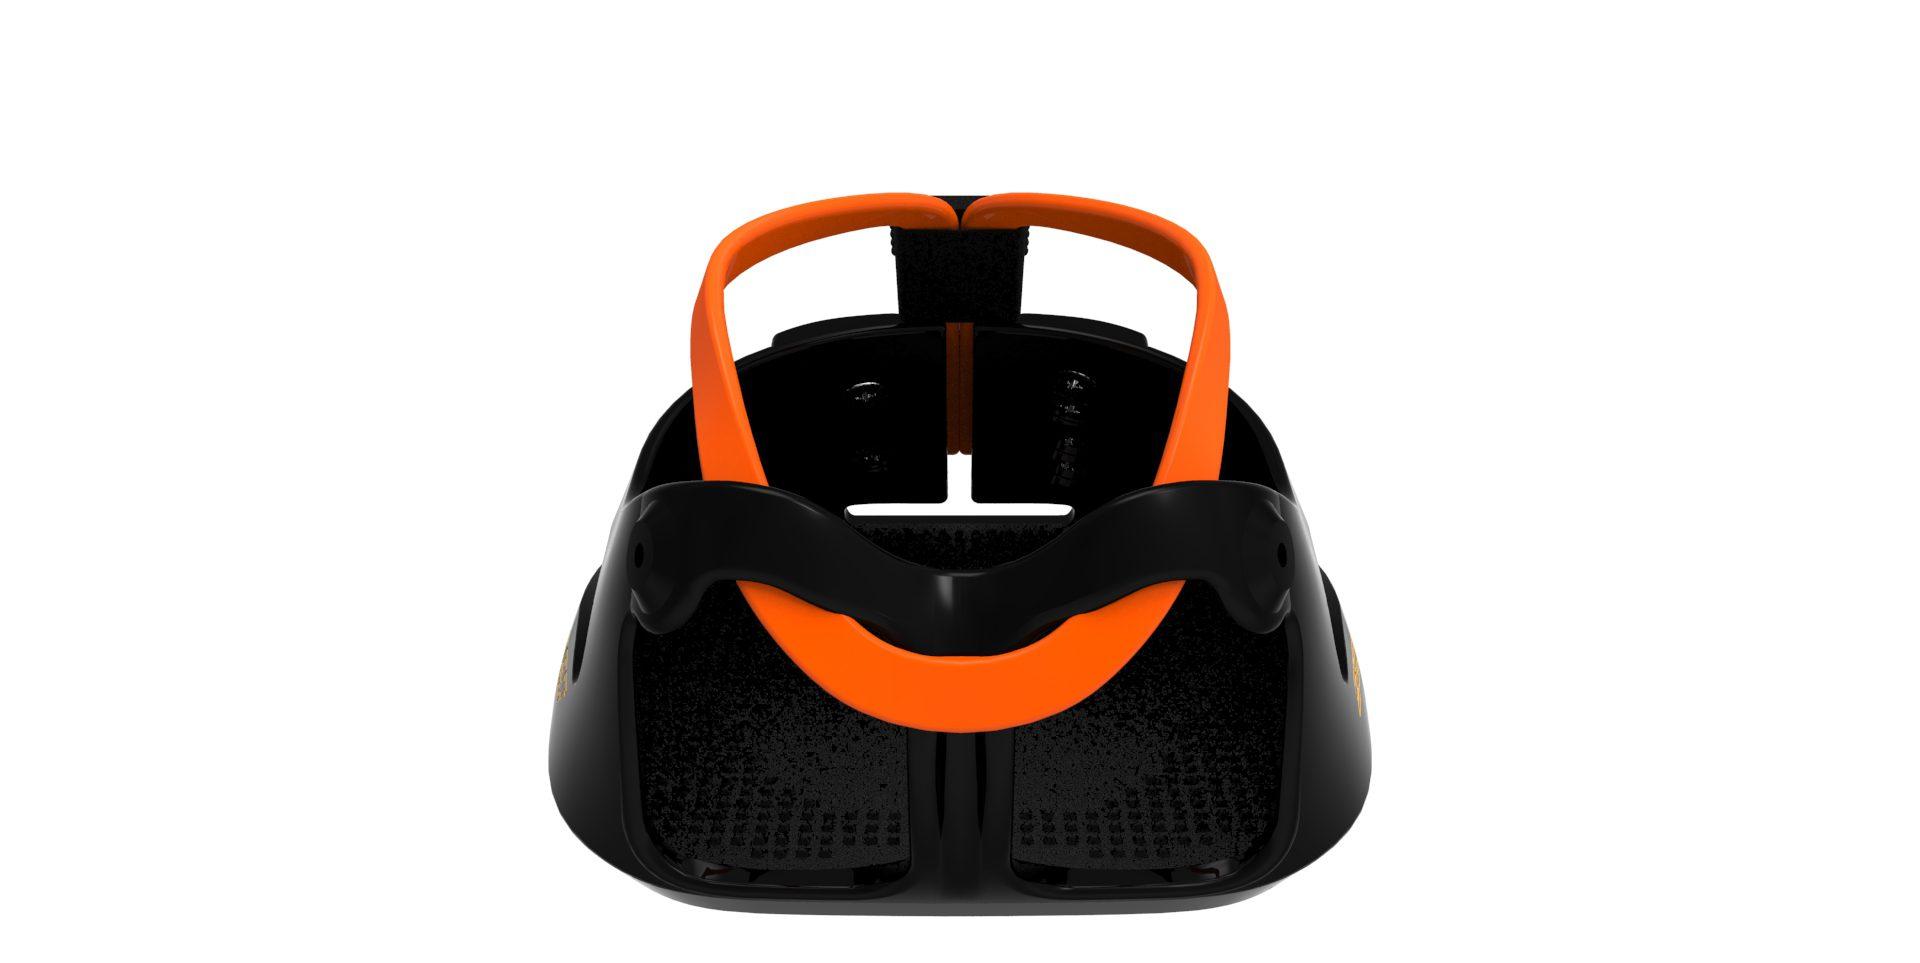 Boots-Sitzbezug strapazierf/ähiger Oxford-Stoff wetterbest/ändig Schwarz Kapit/änsstuhlbezug Stuhl Schutzh/ülle voller Schutz f/ür Ihren Helm Bootsbank-Sitzbezug 420D wasserdicht